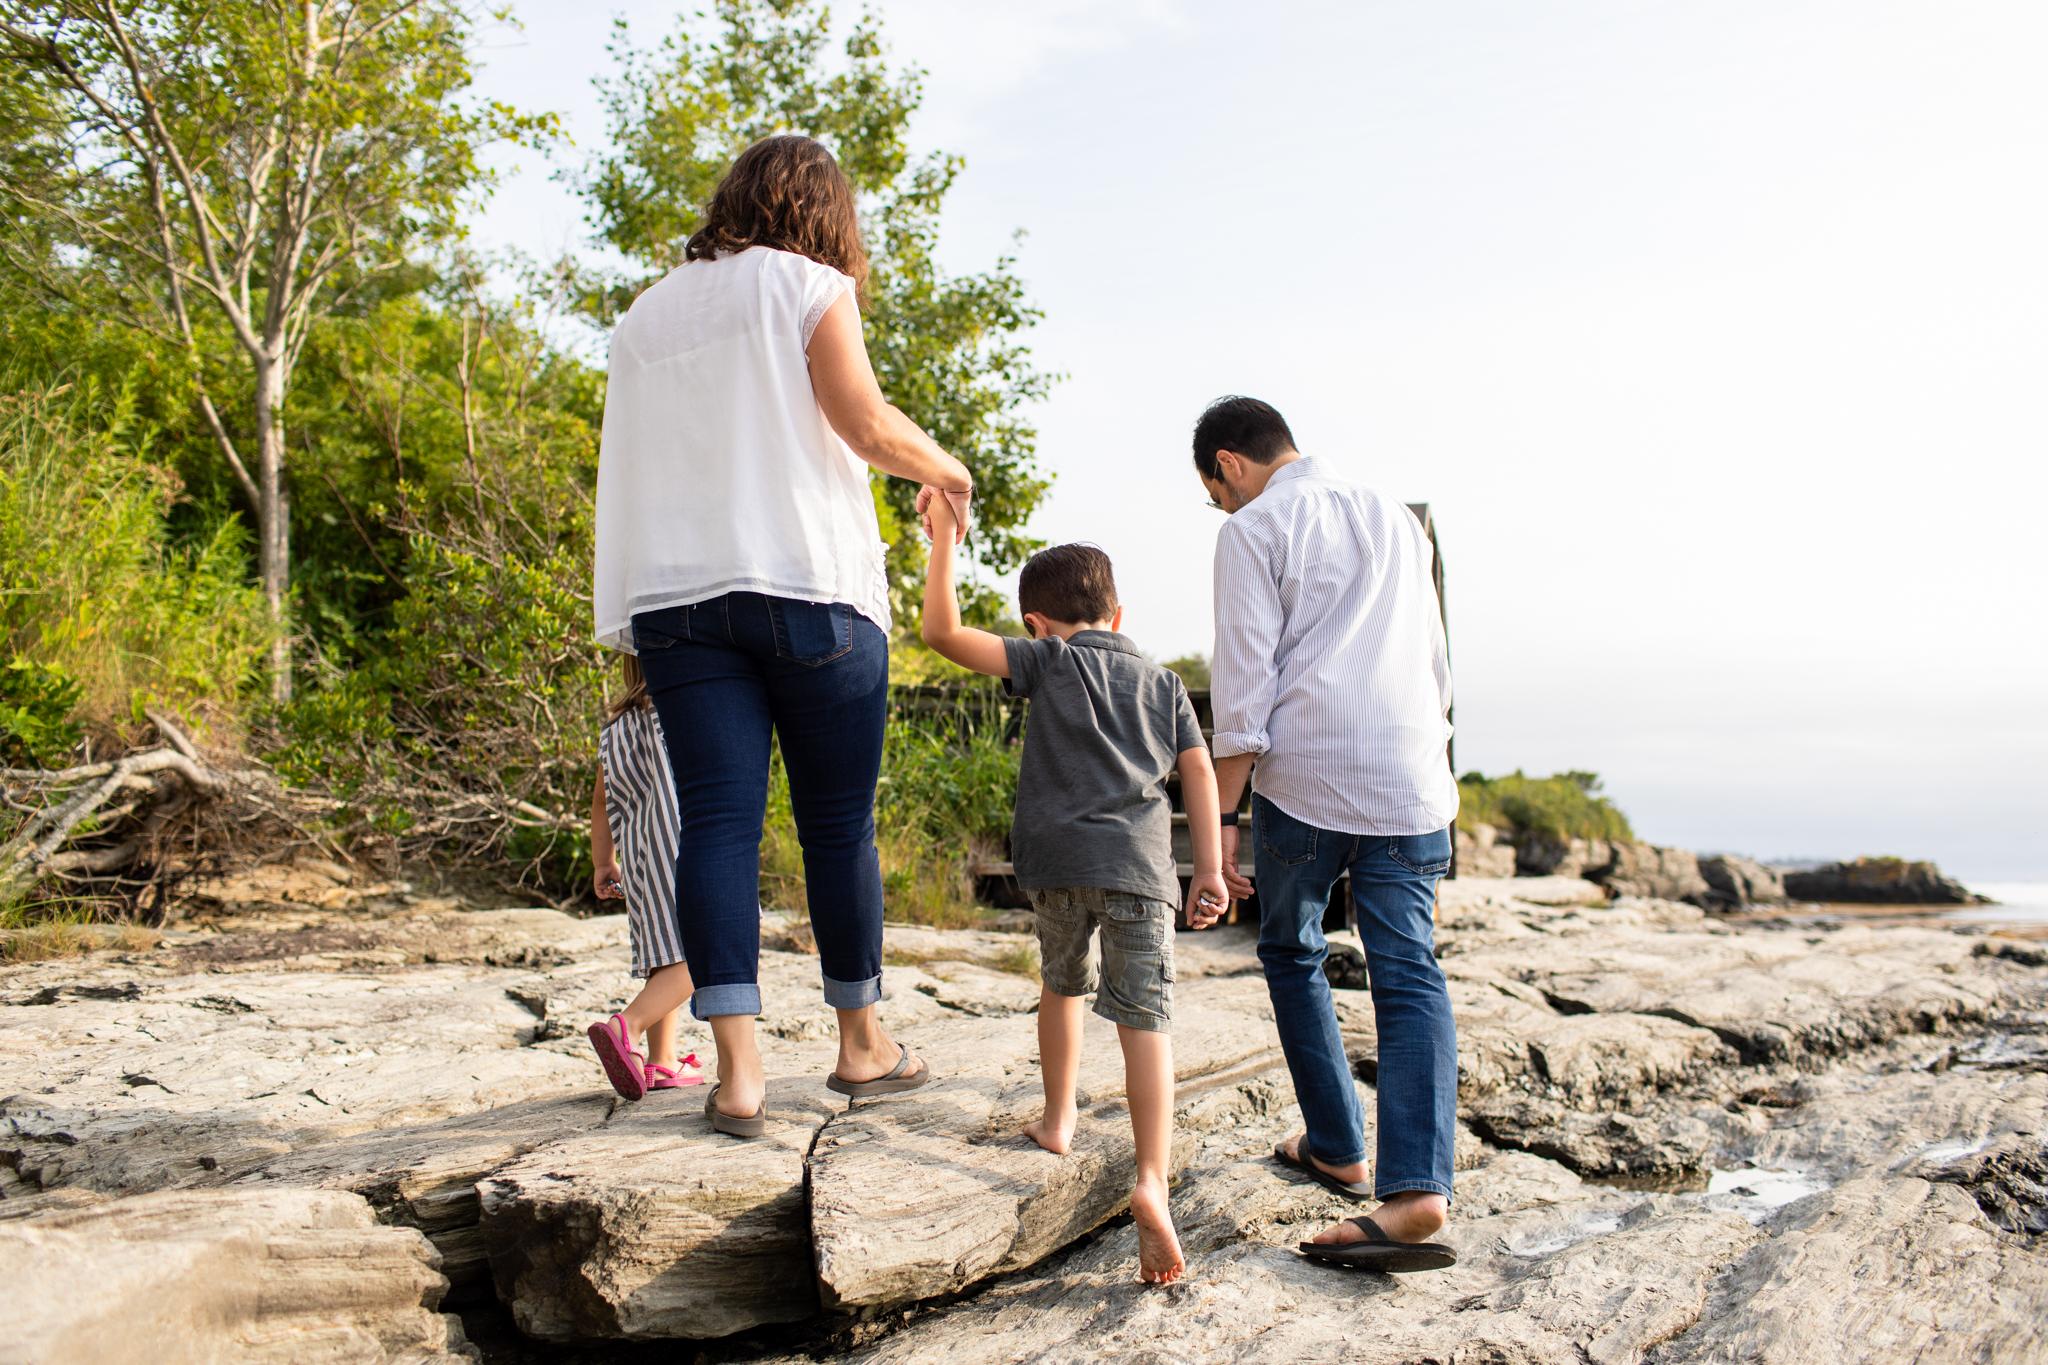 maine-family-photographer-beach-lifestyle -1.jpg